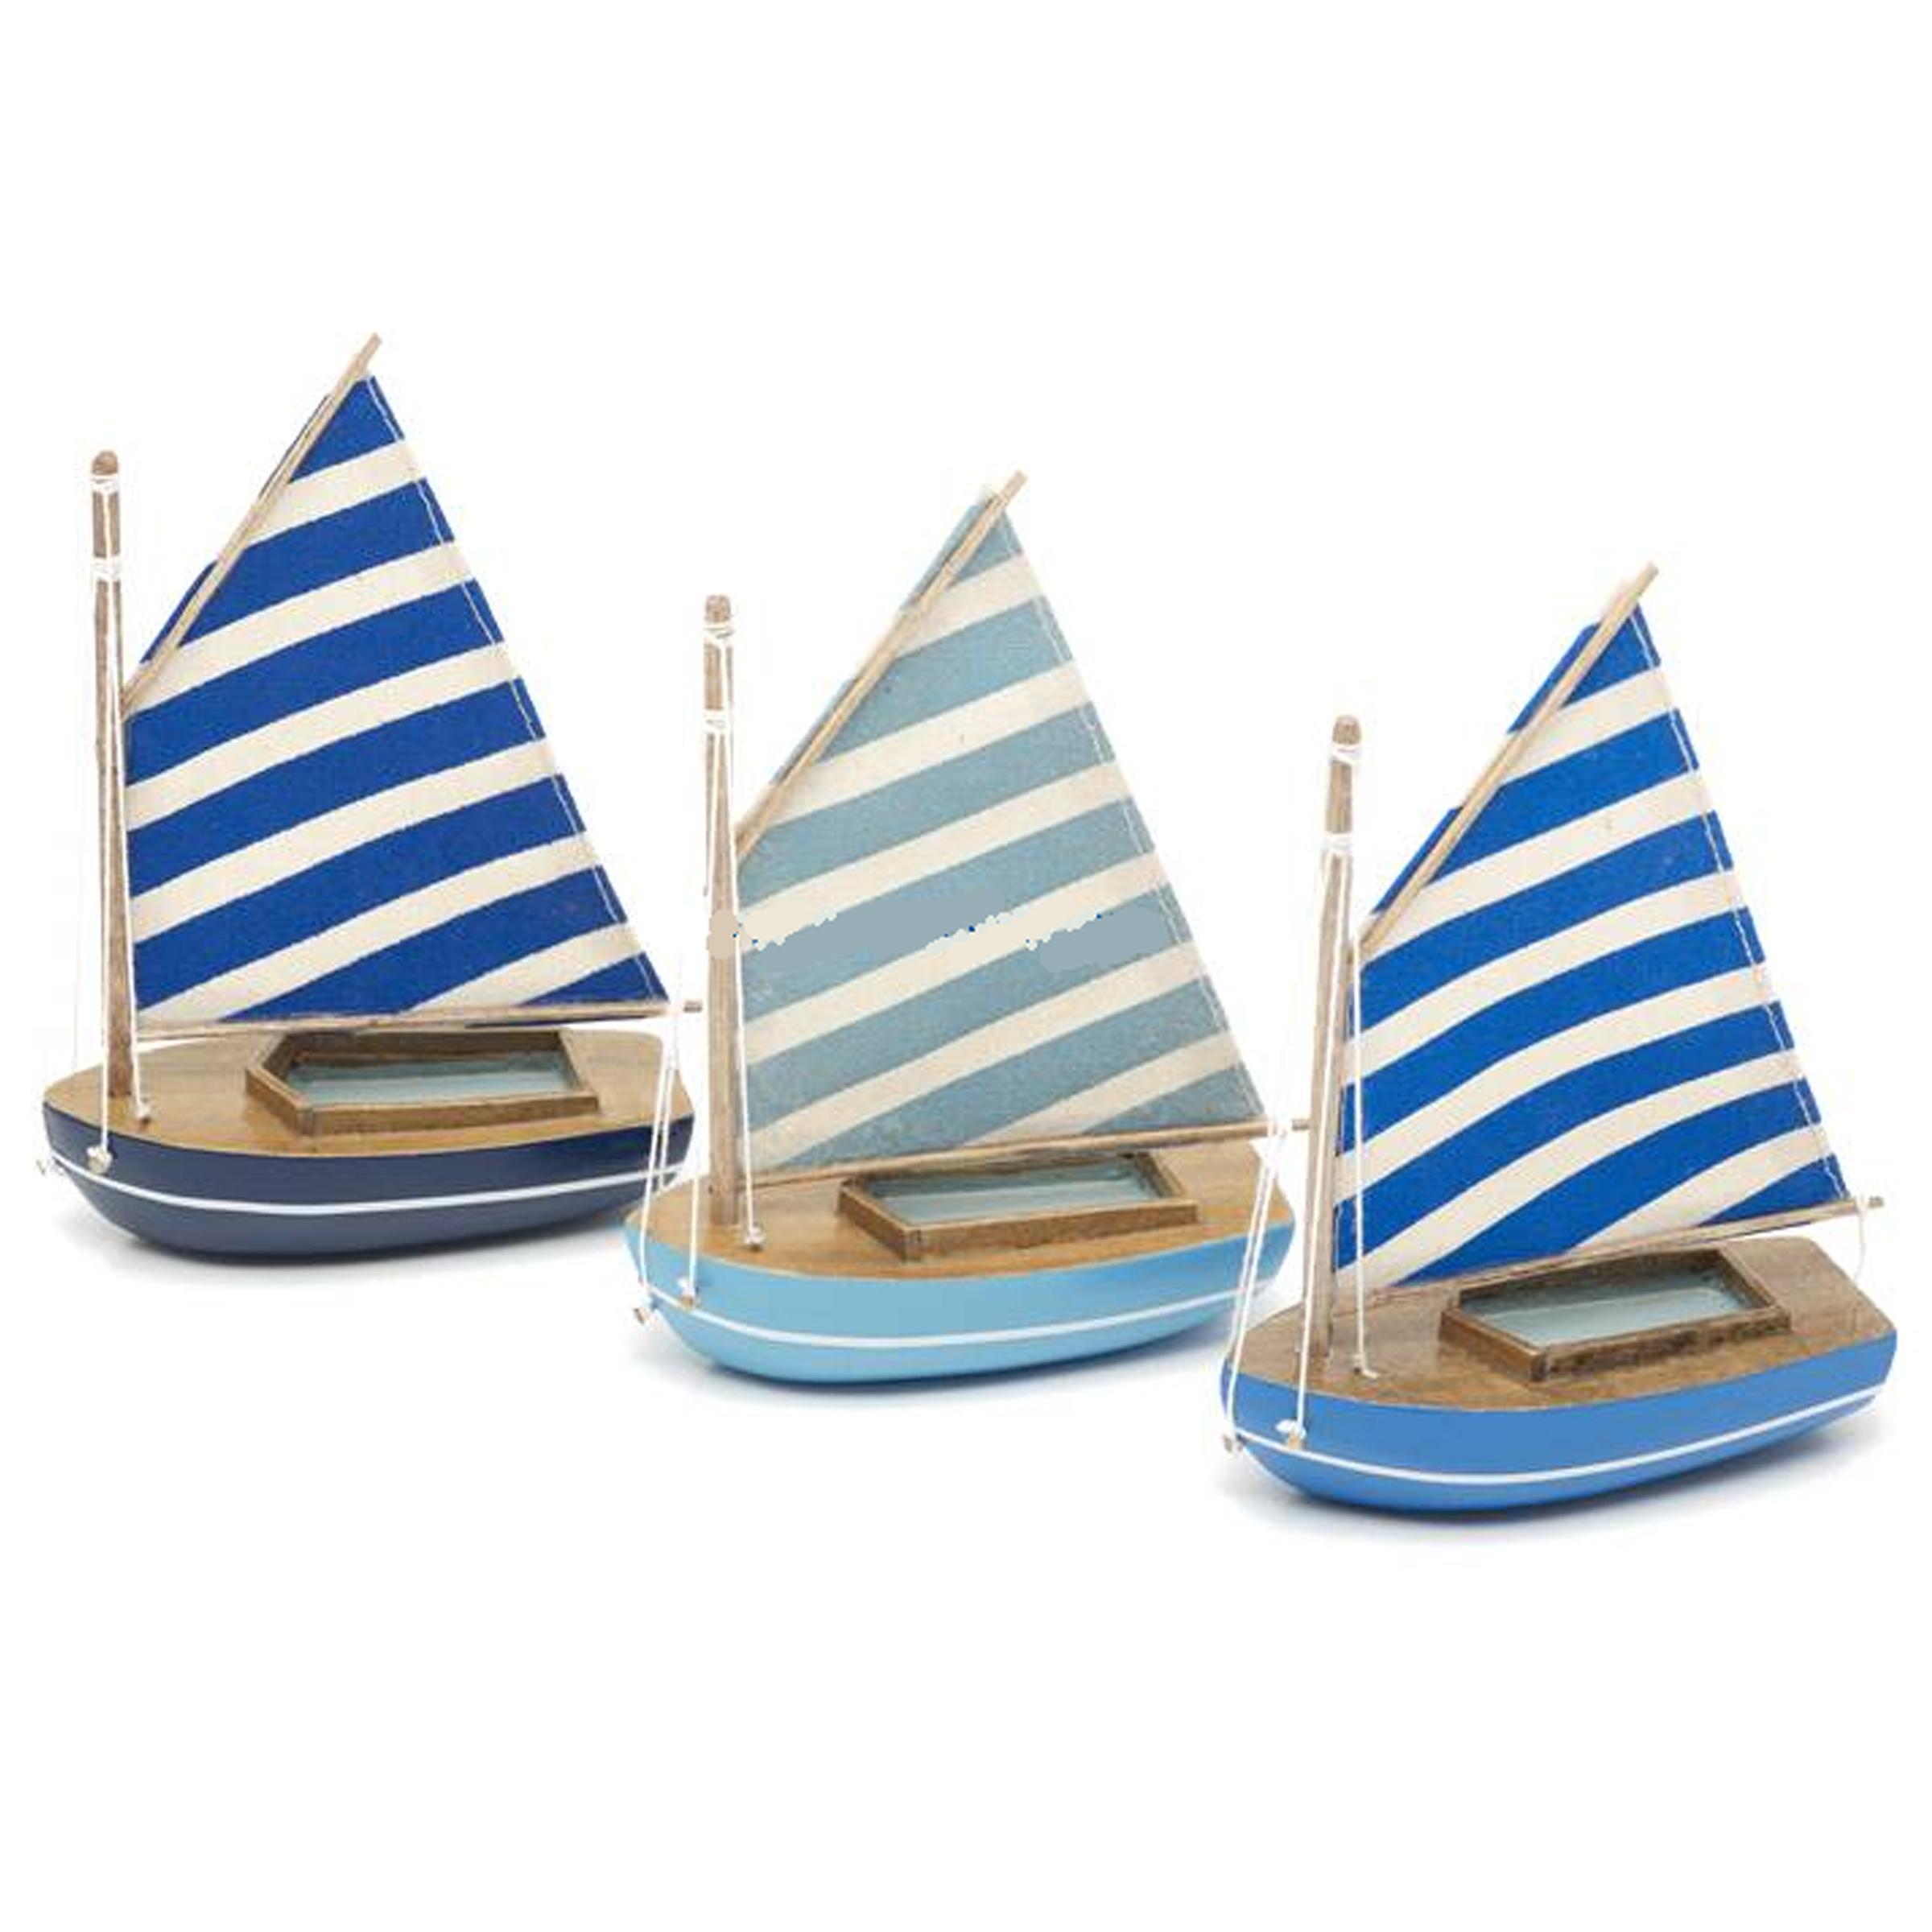 10cm Sailing Dinghy